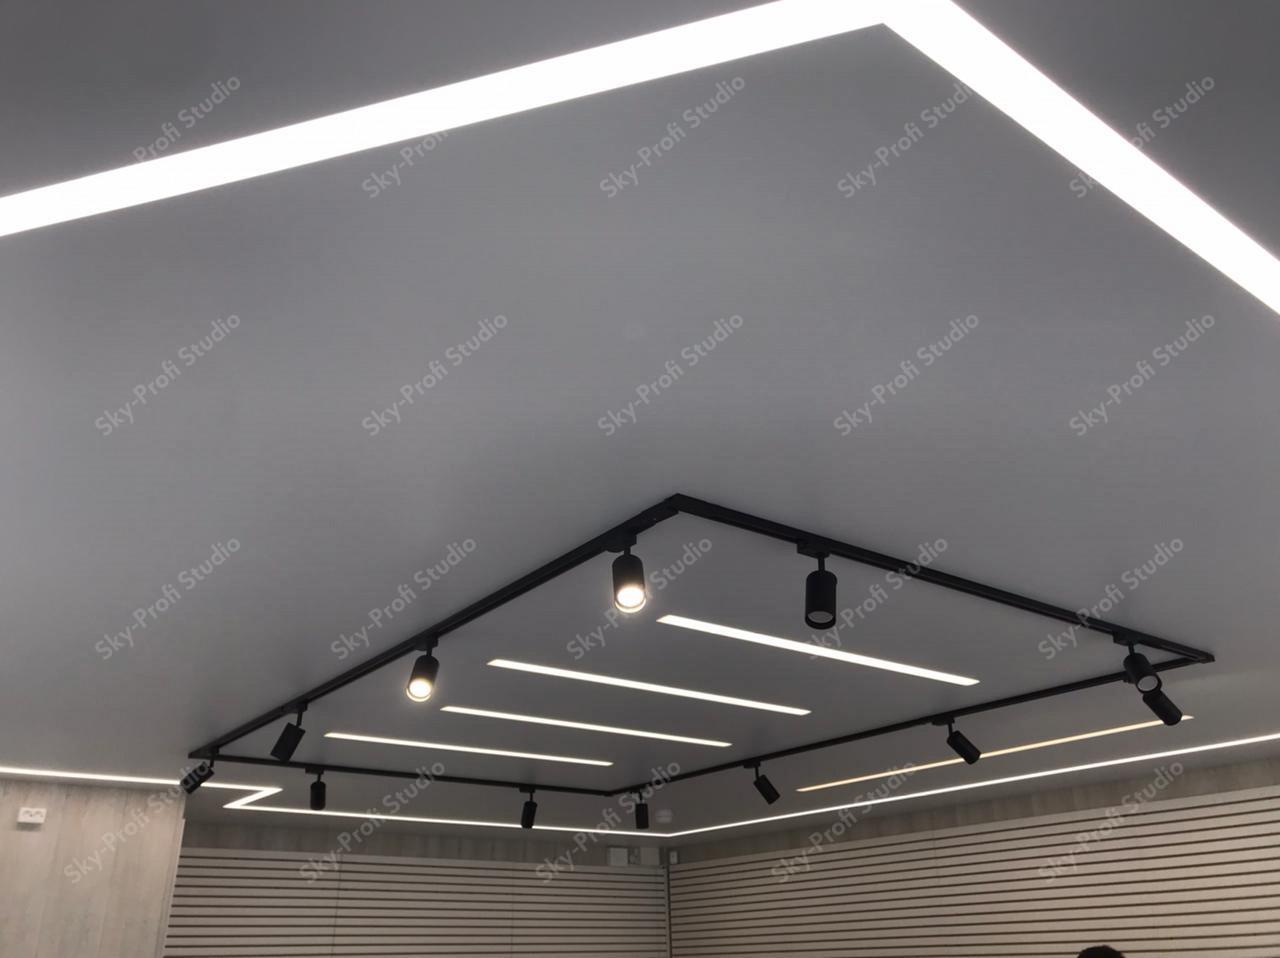 ремонт потолка со световыми линиями